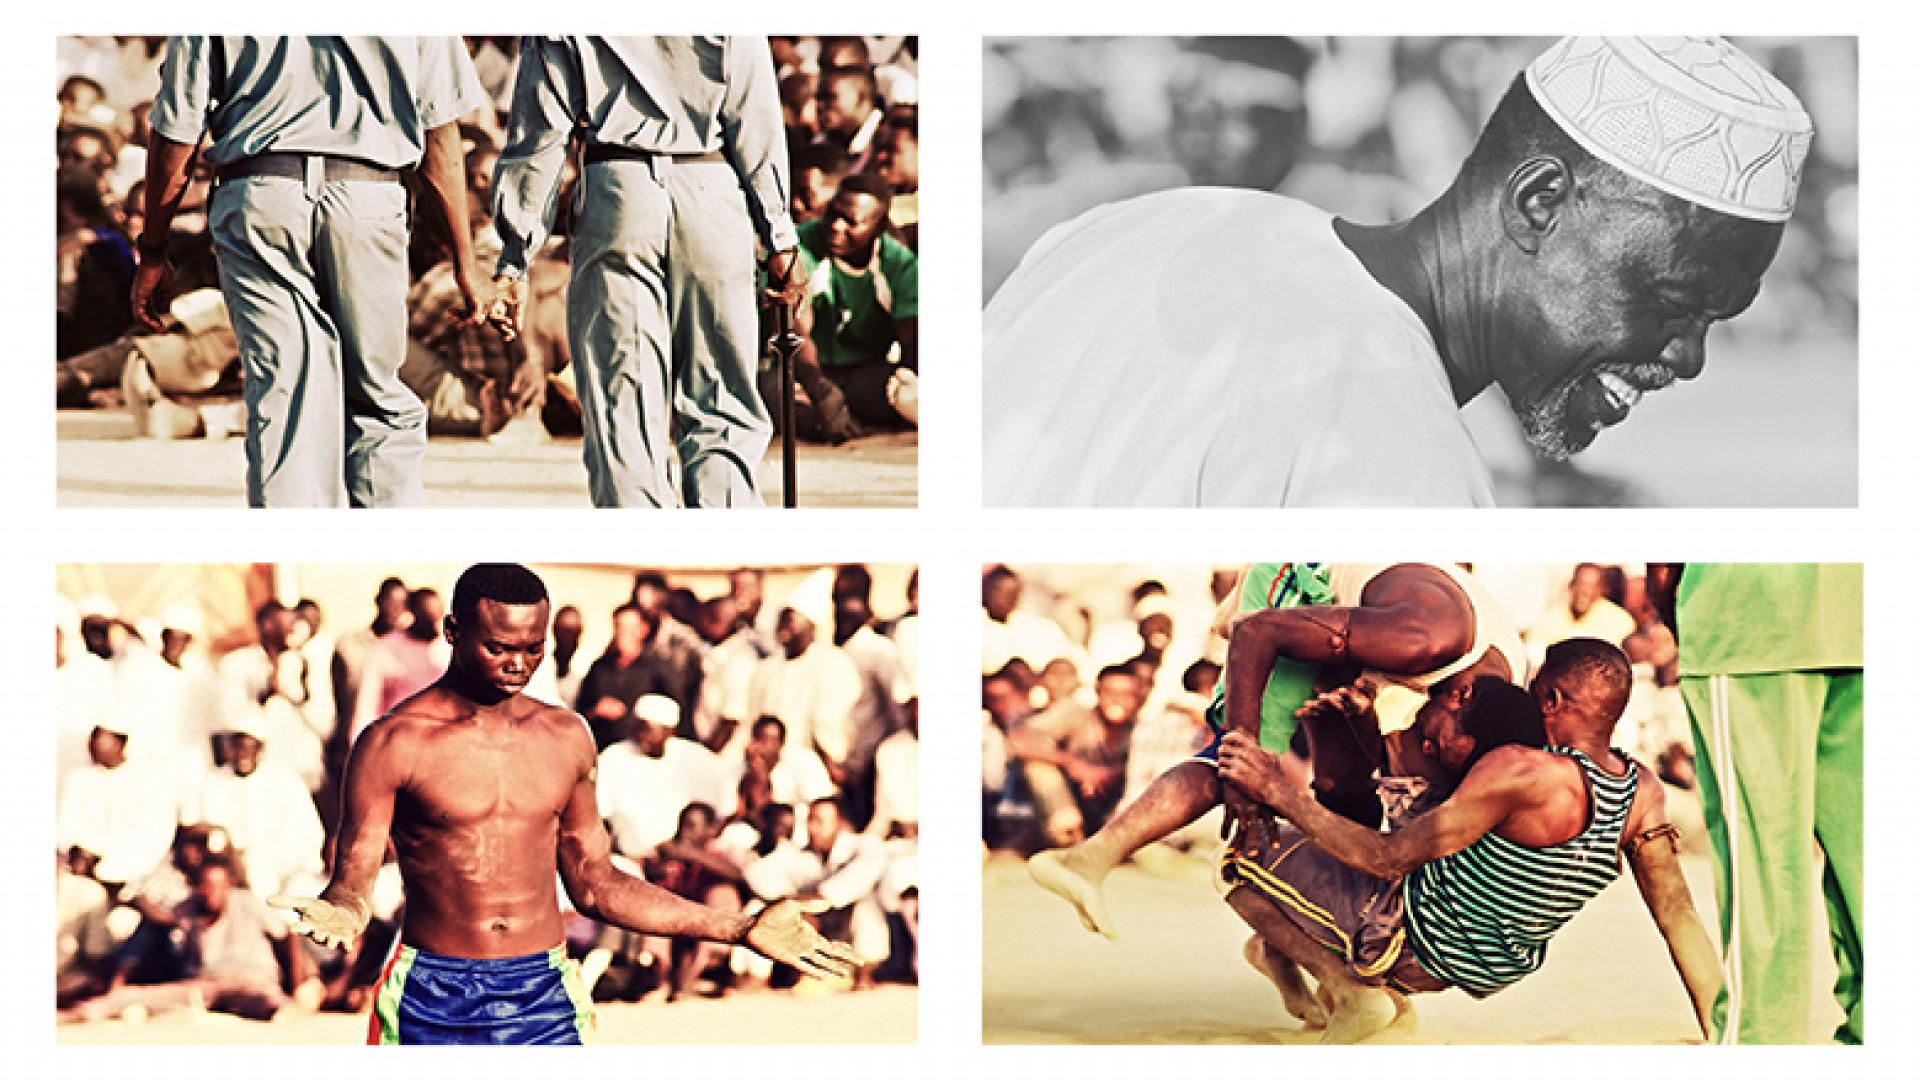 sudanese-wrestling-khartoum